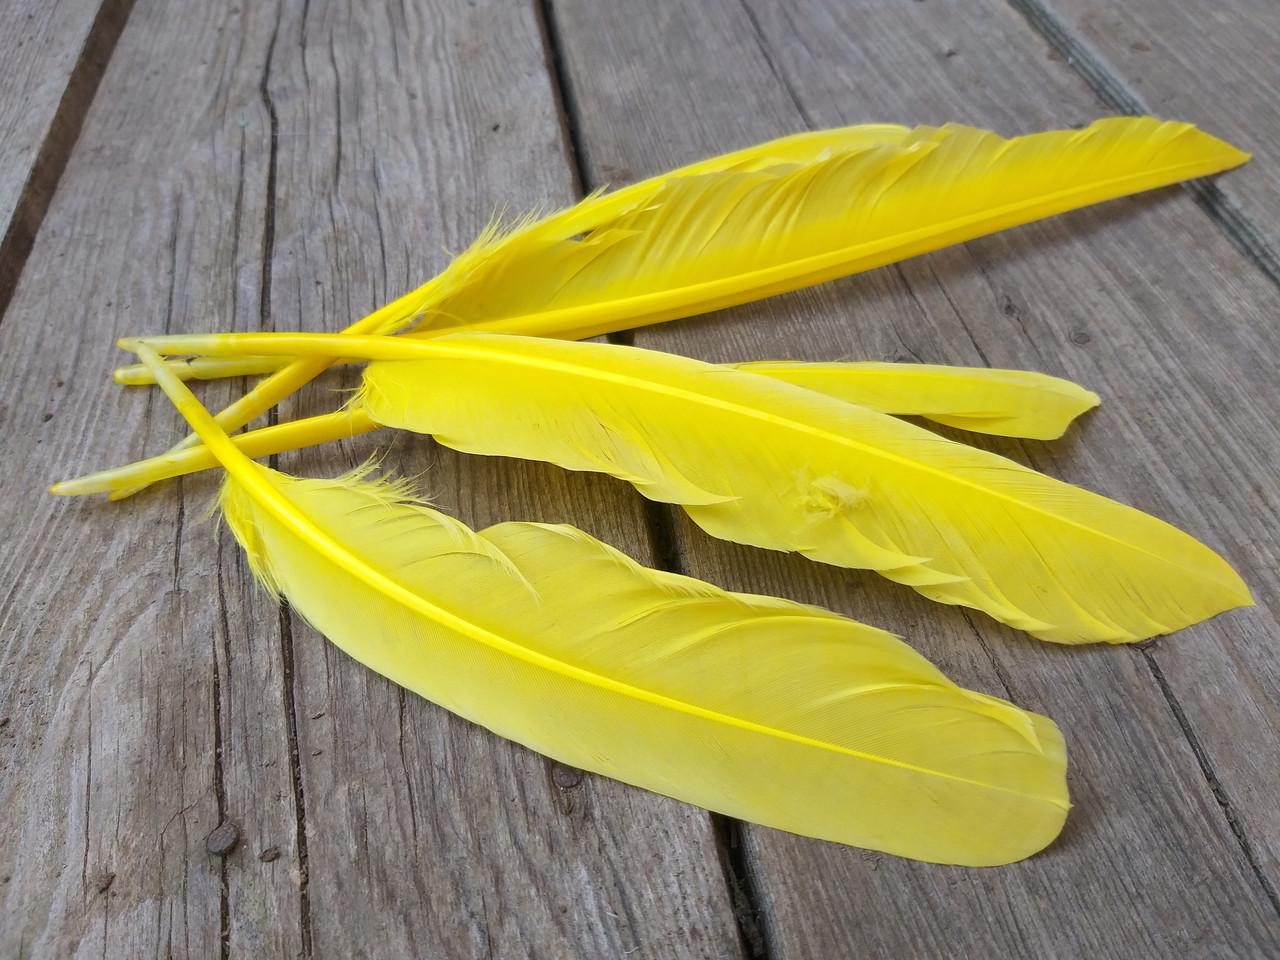 Пір'я жовте для декору, 5 шт/уп., розмір 20-30 см., 30 грн.